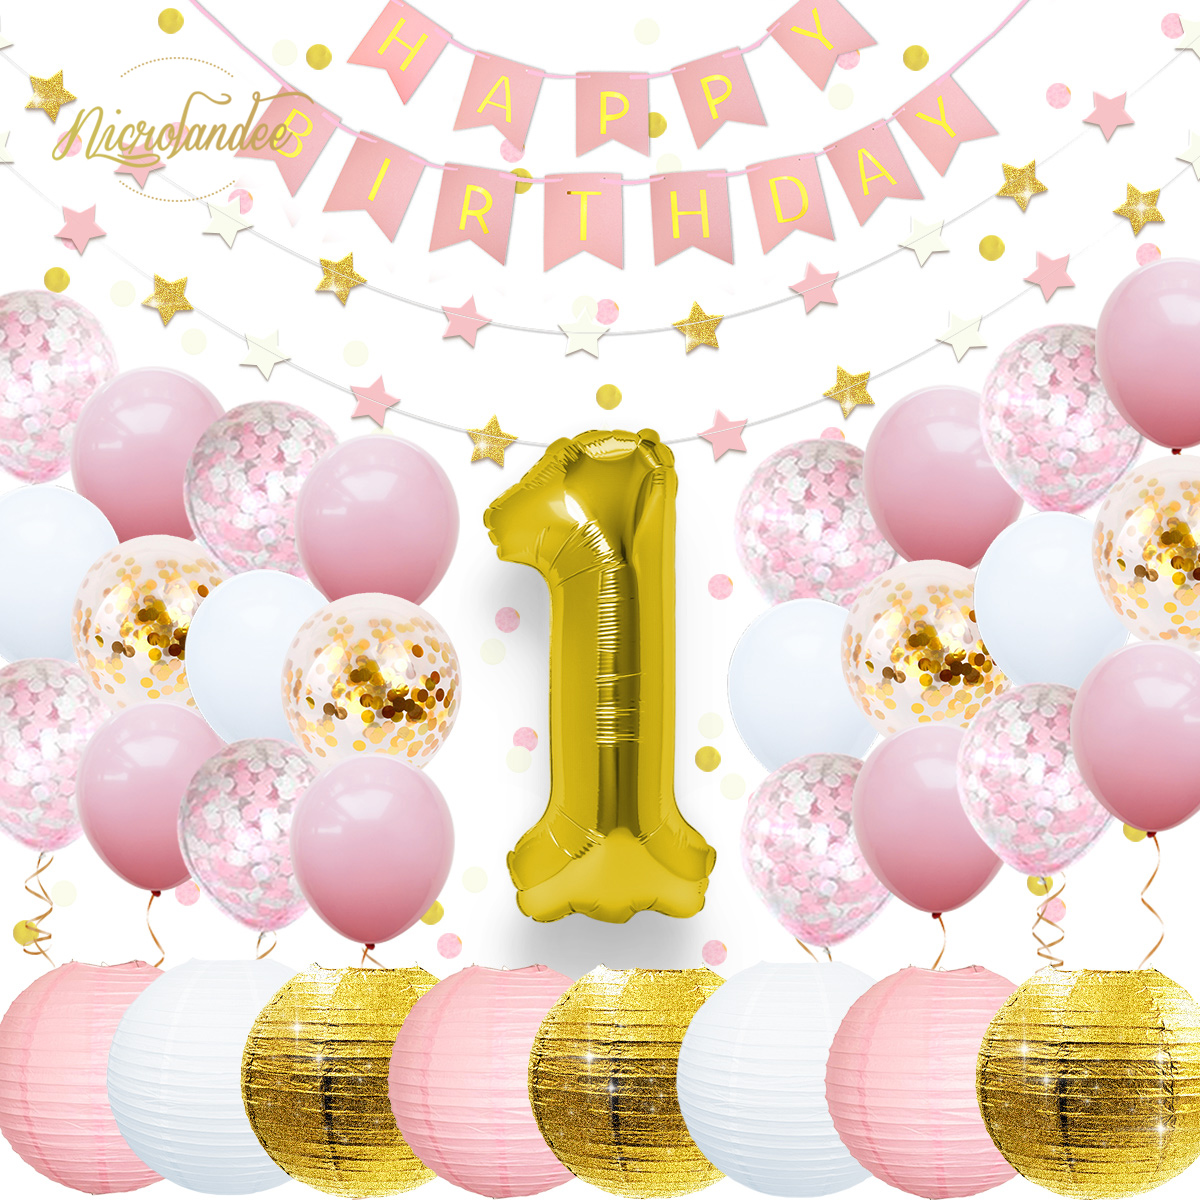 NICROLANDEE 37 pçs/set 1st Decorações Da Festa de Aniversário Da Menina do Menino Do Bebê Balão Da Folha Bandeira Guirlanda de Papel Confetti Set Casa